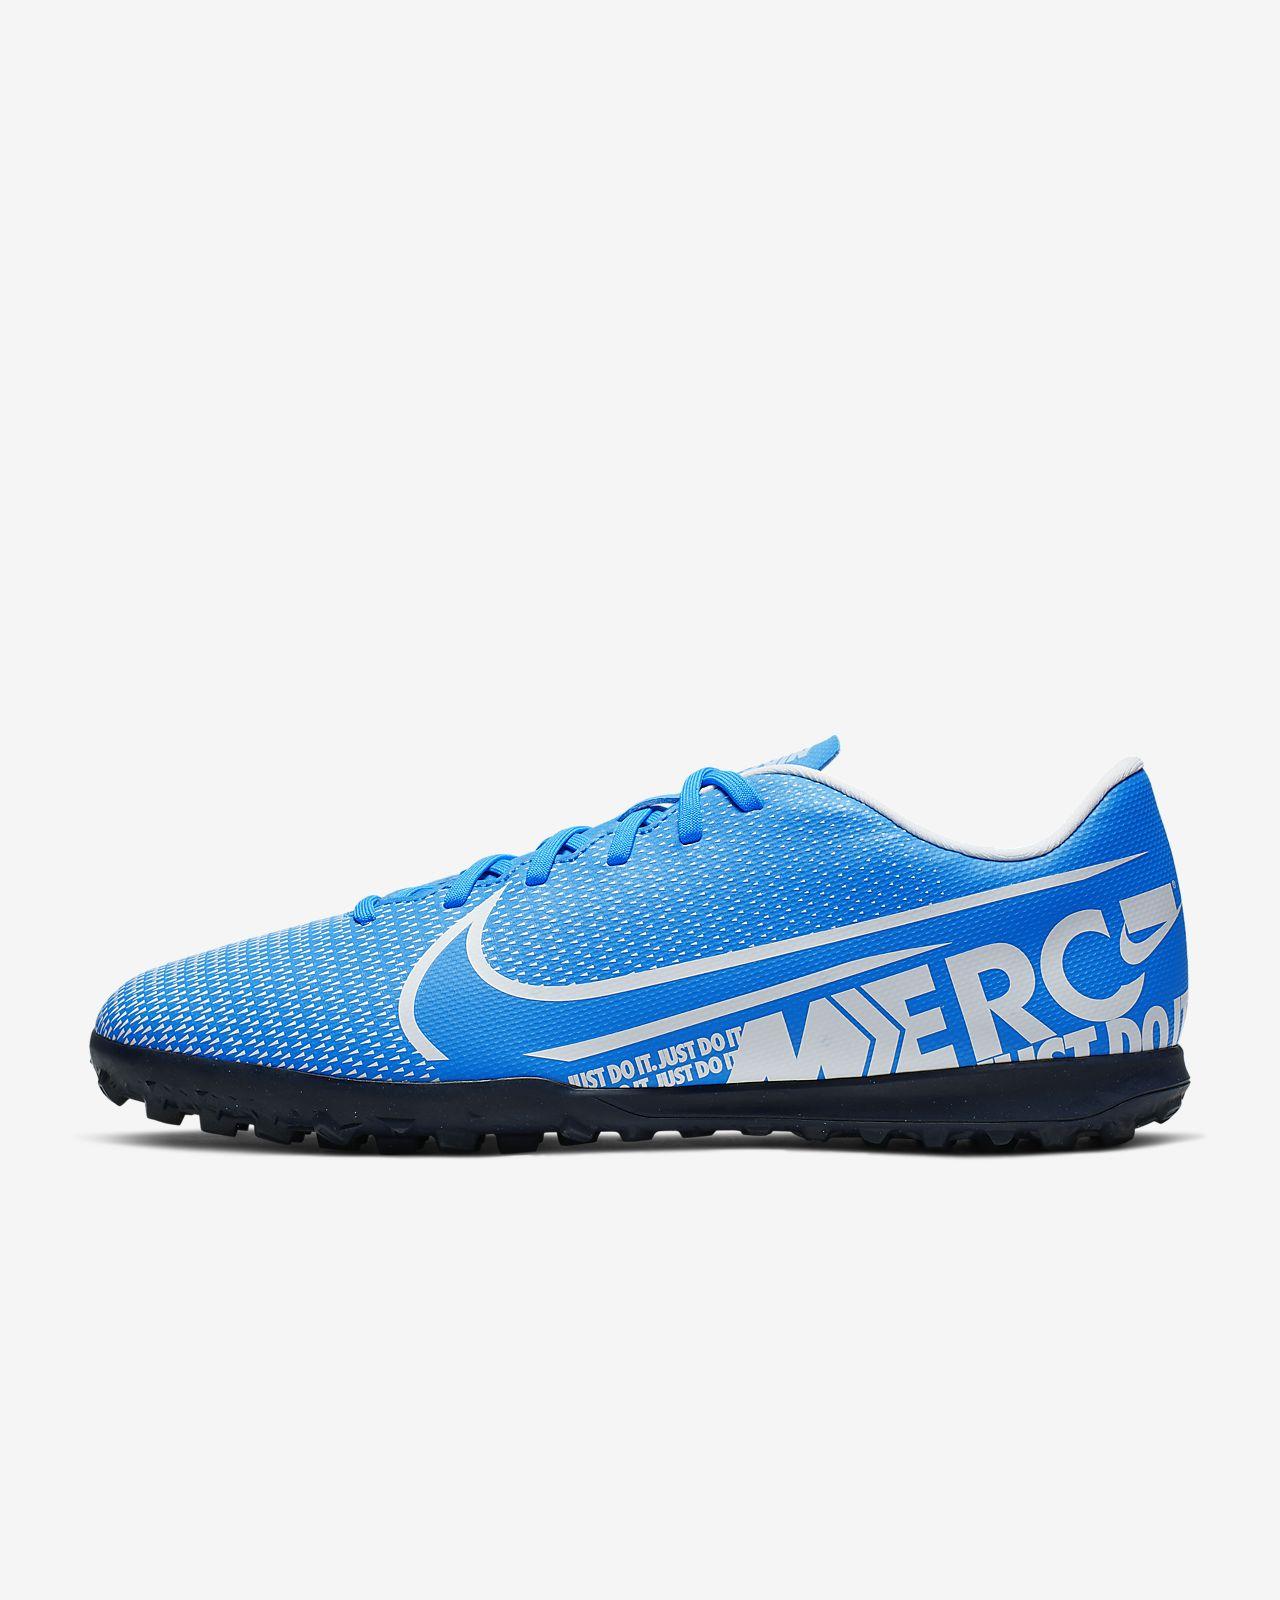 Nike Mercurial Vapor 13 Club TF Artificial-fodboldsko til kunstgræs